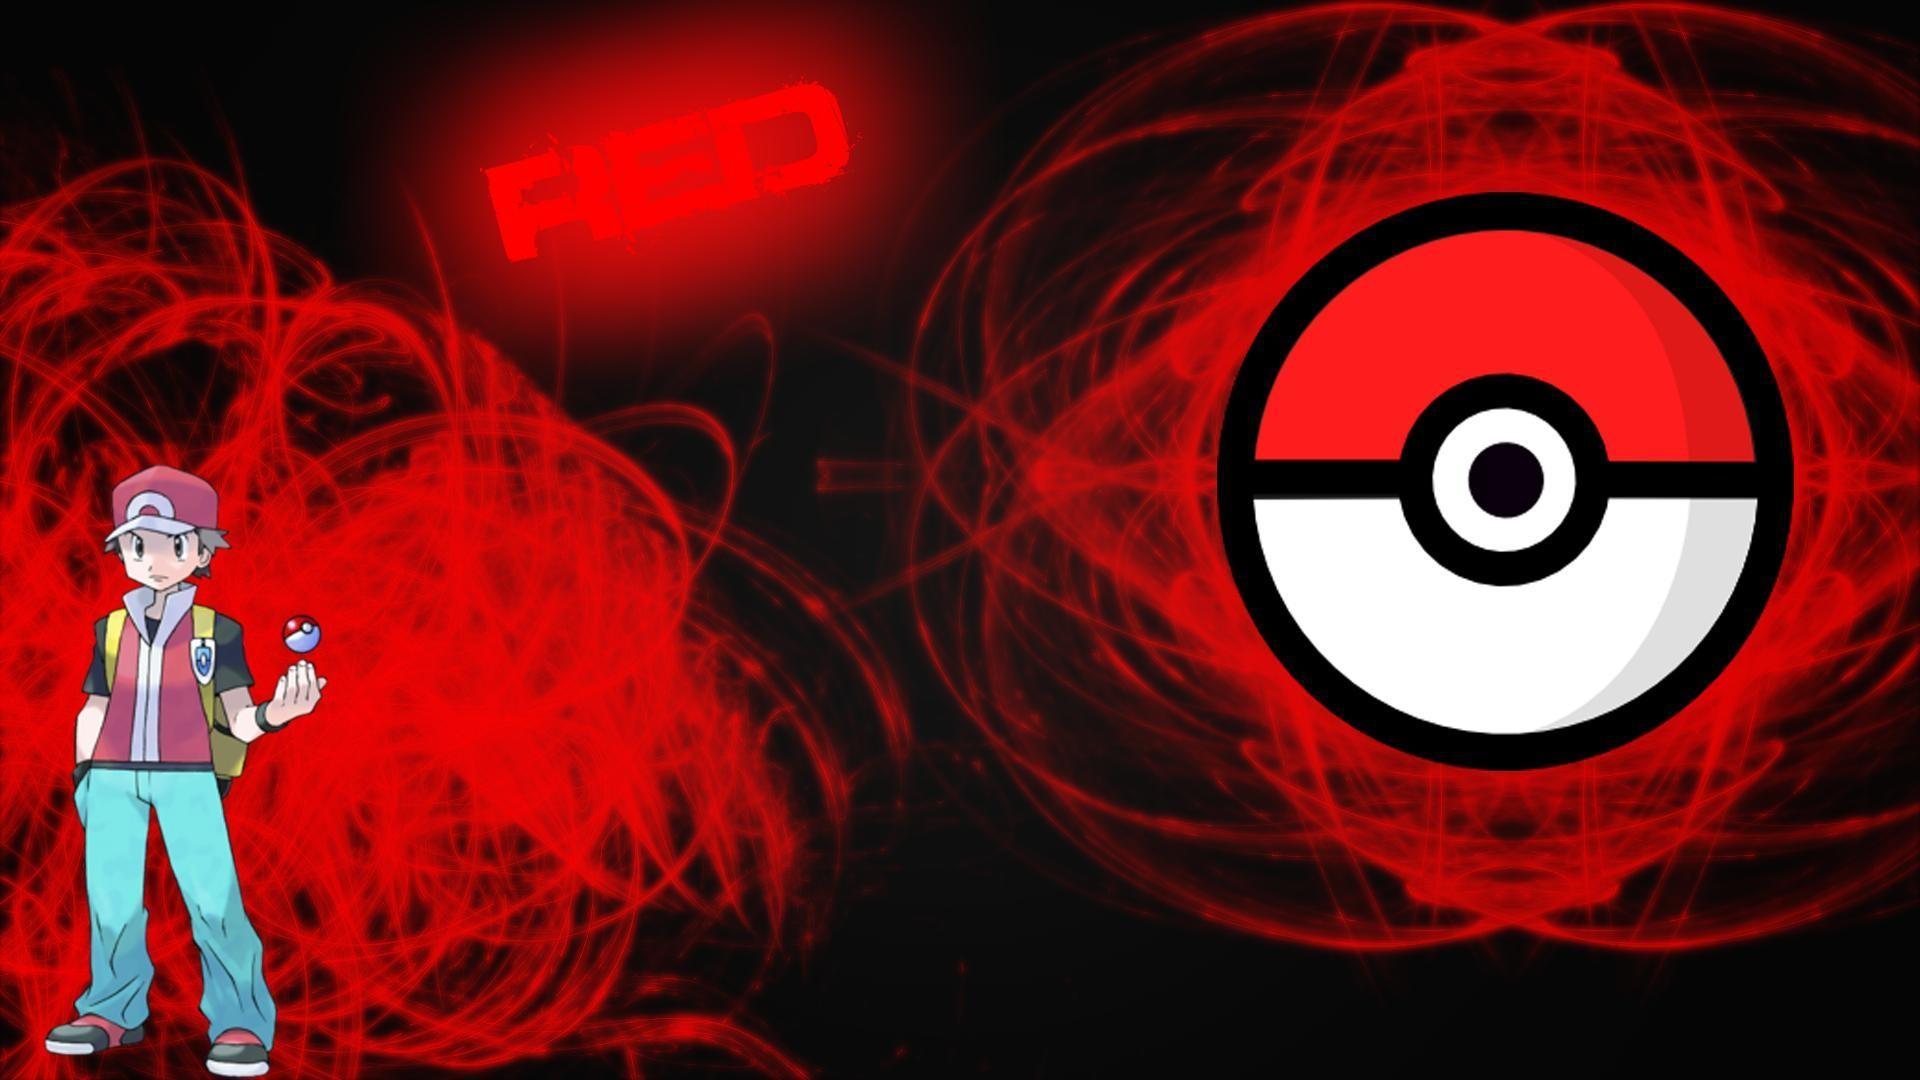 Pokemon Trainer Red by ComettTail on DeviantArt